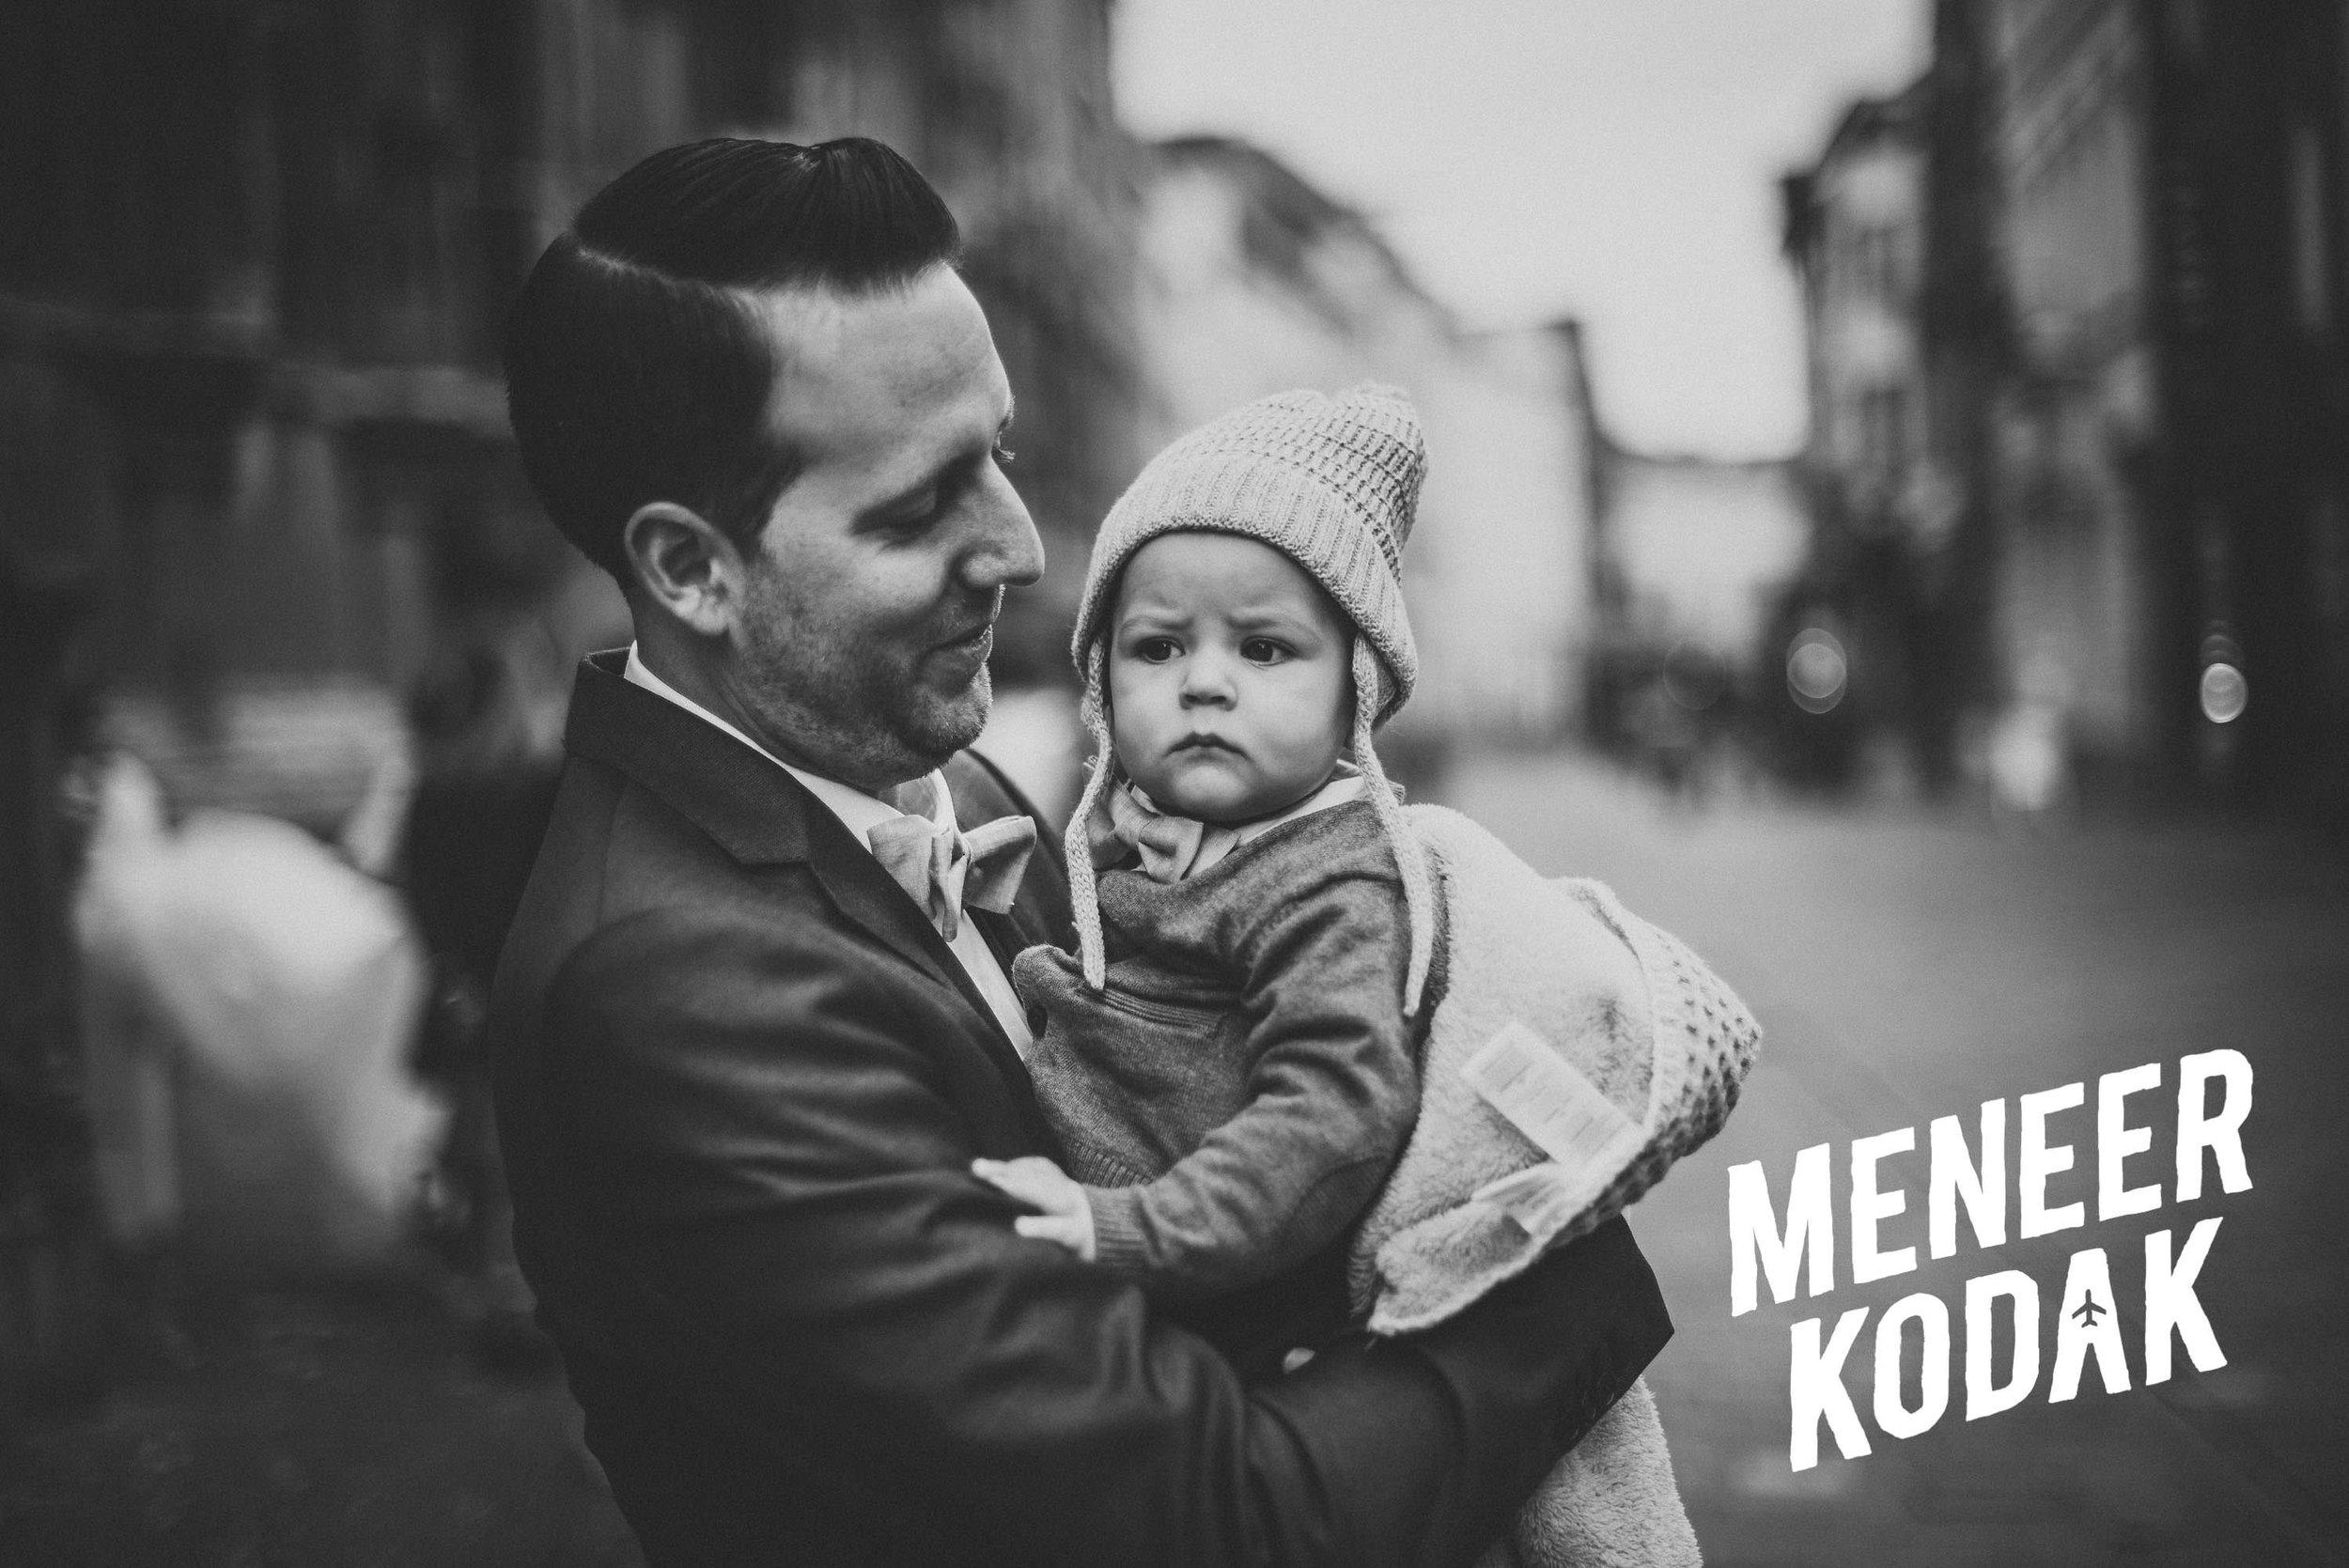 Meneer Kodak - Trouwfotograaf - Gent - D&T-027.jpg